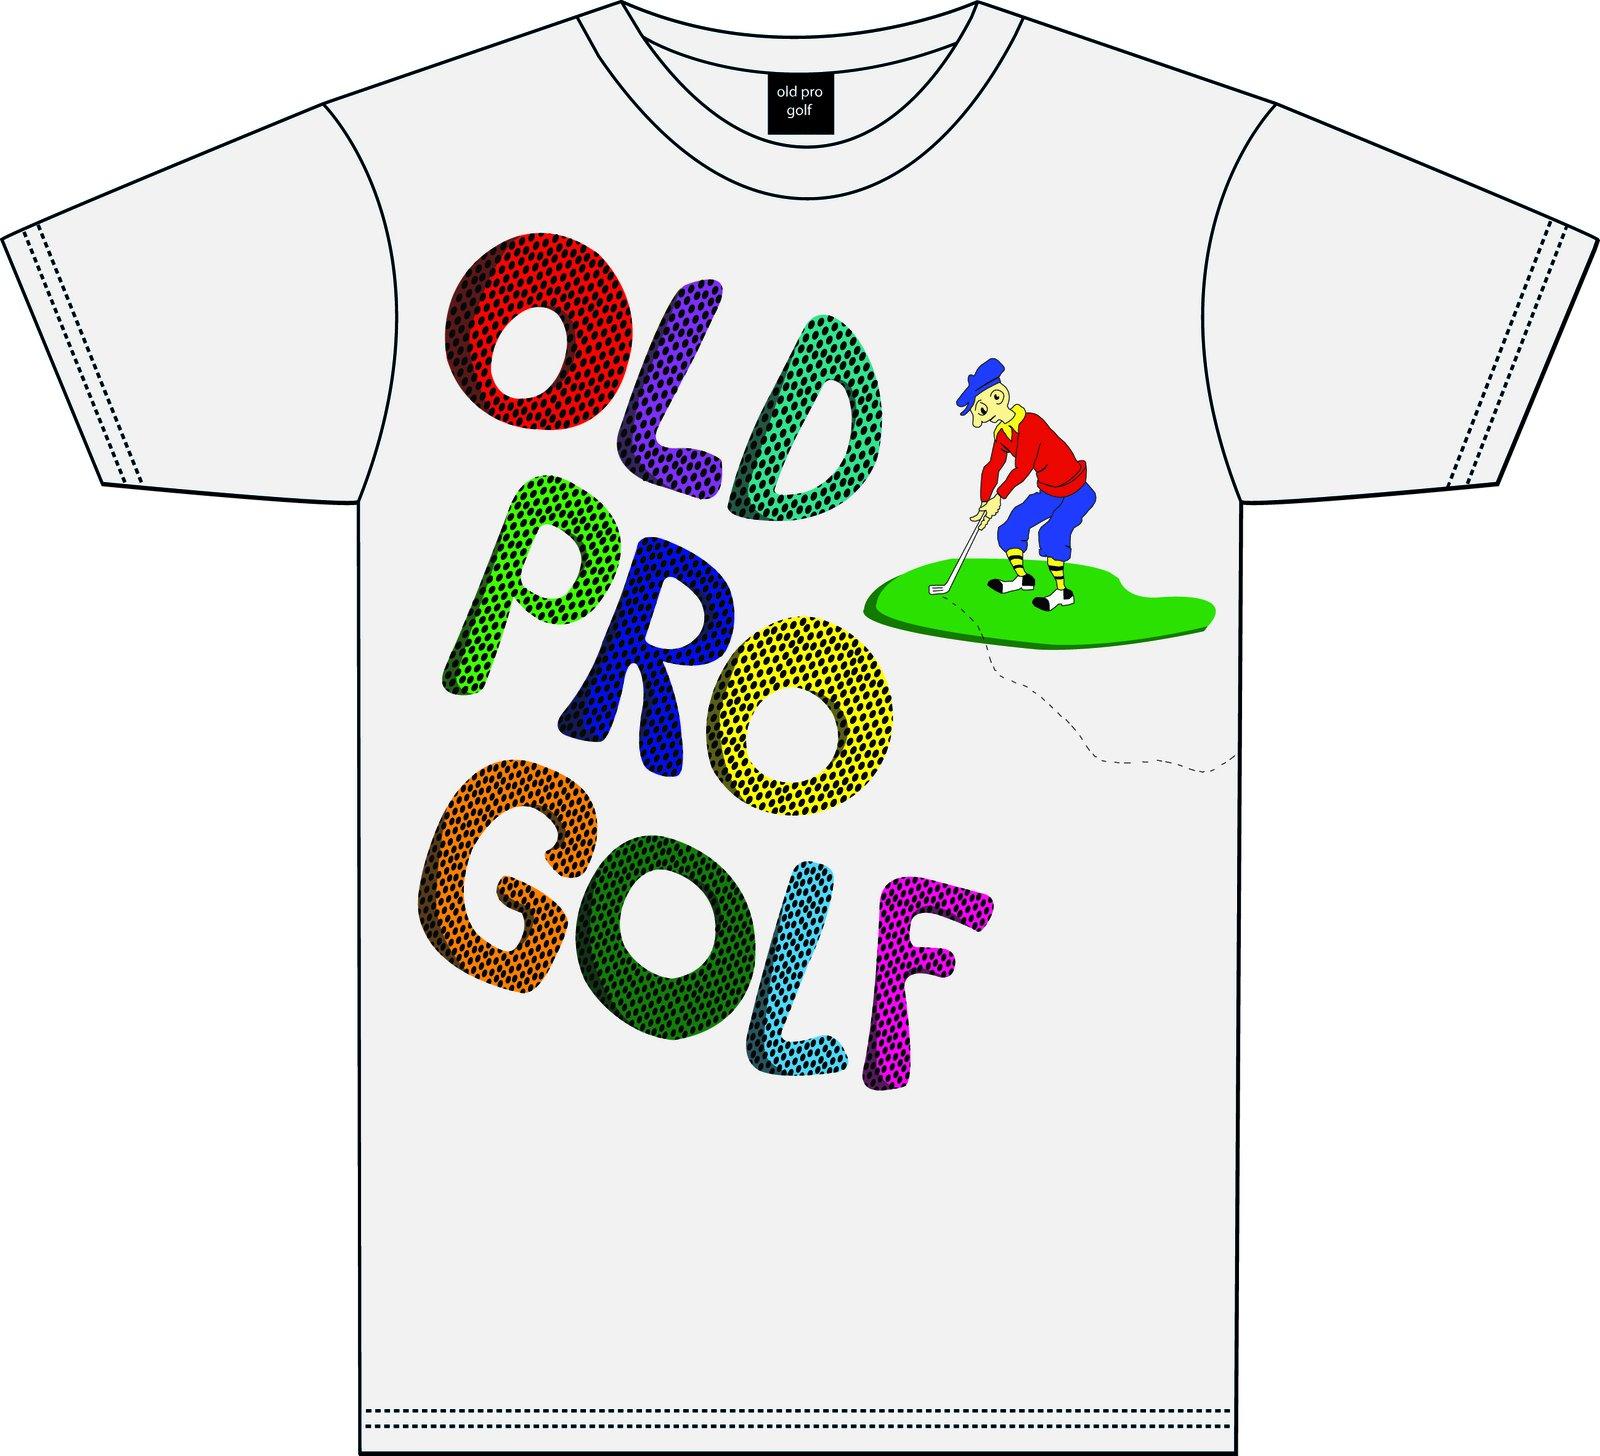 Old Pro Tee #1